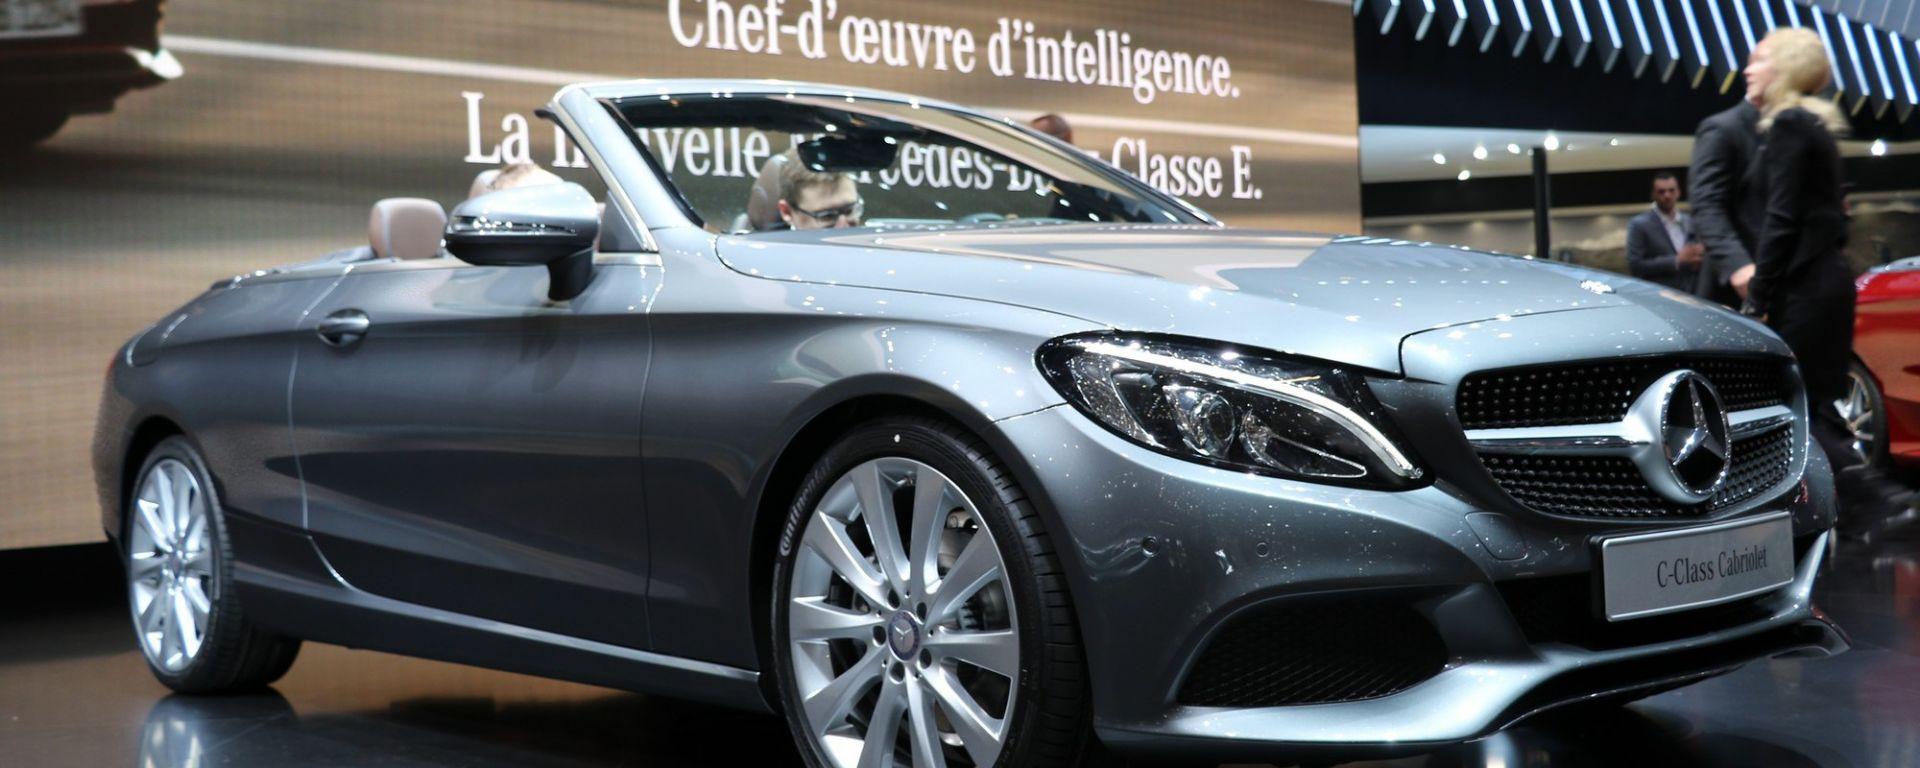 Ginevra 2016 - Notizie dalle Case: Mercedes e Smart